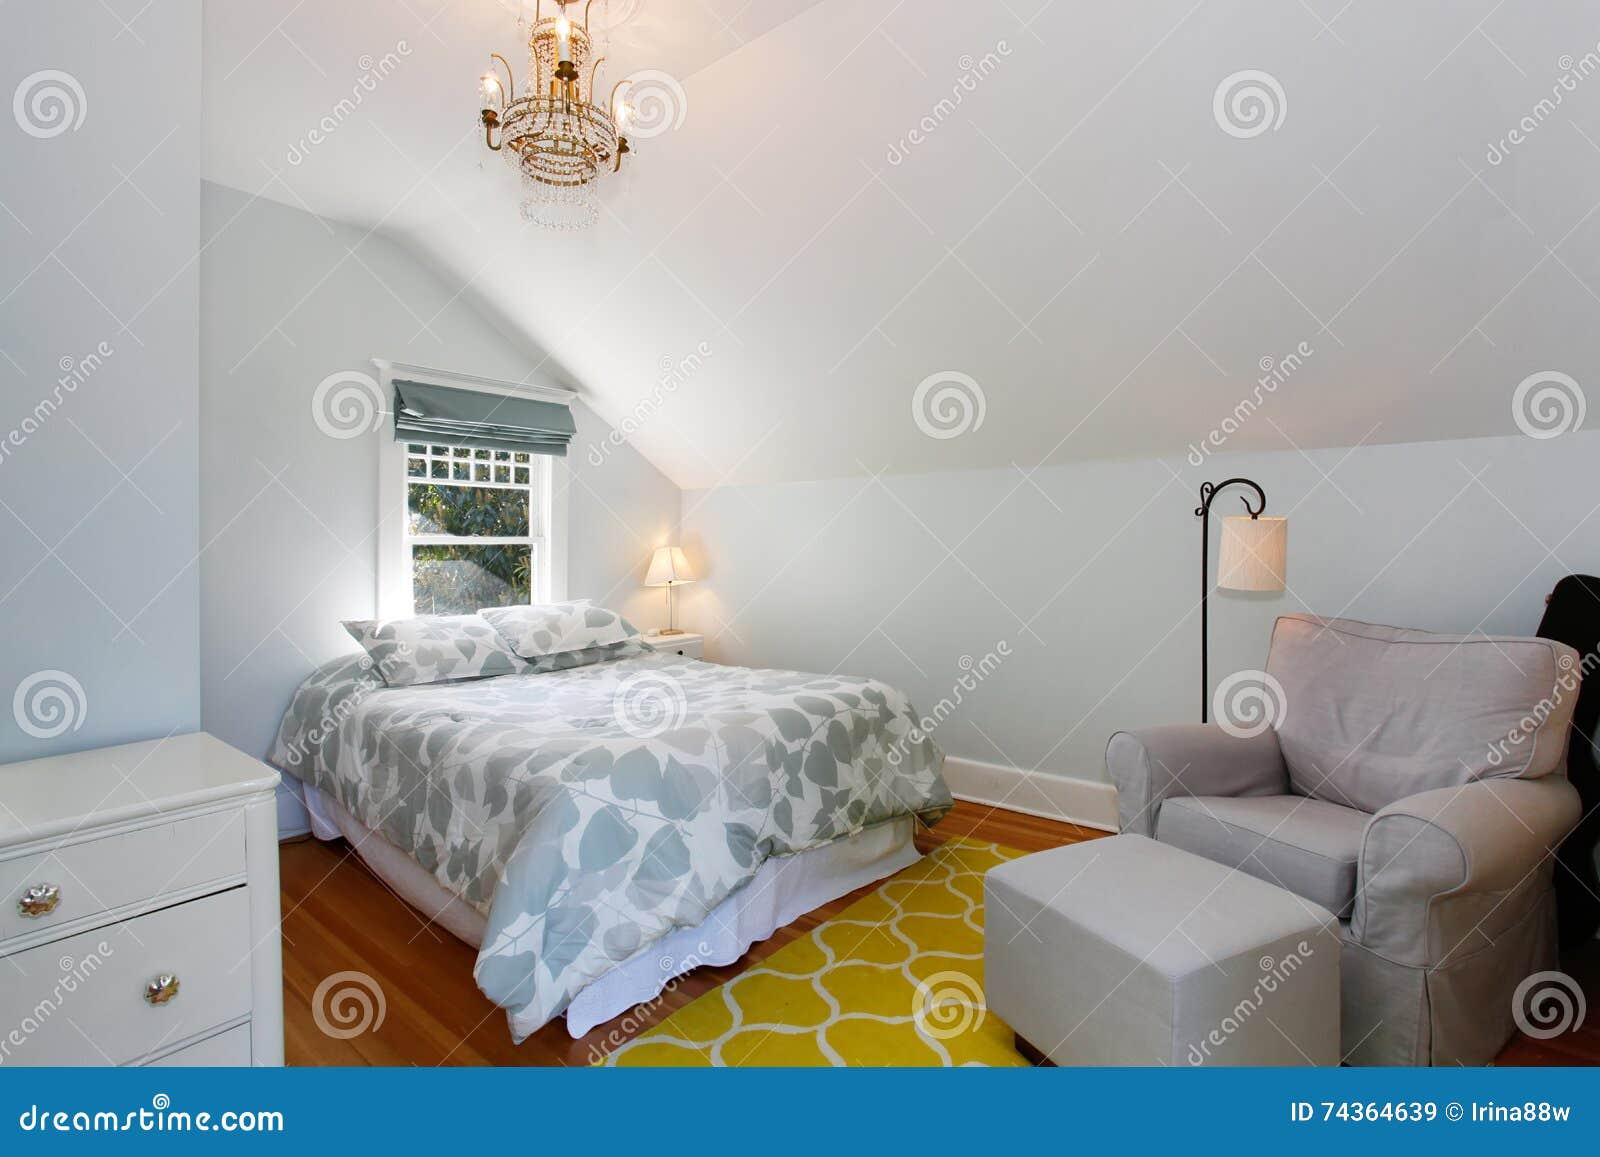 Άνετη αττική κρεβατοκάμαρα με τους άσπρους τοίχους και την κίτρινη κουβέρτα 83c837ce7fa